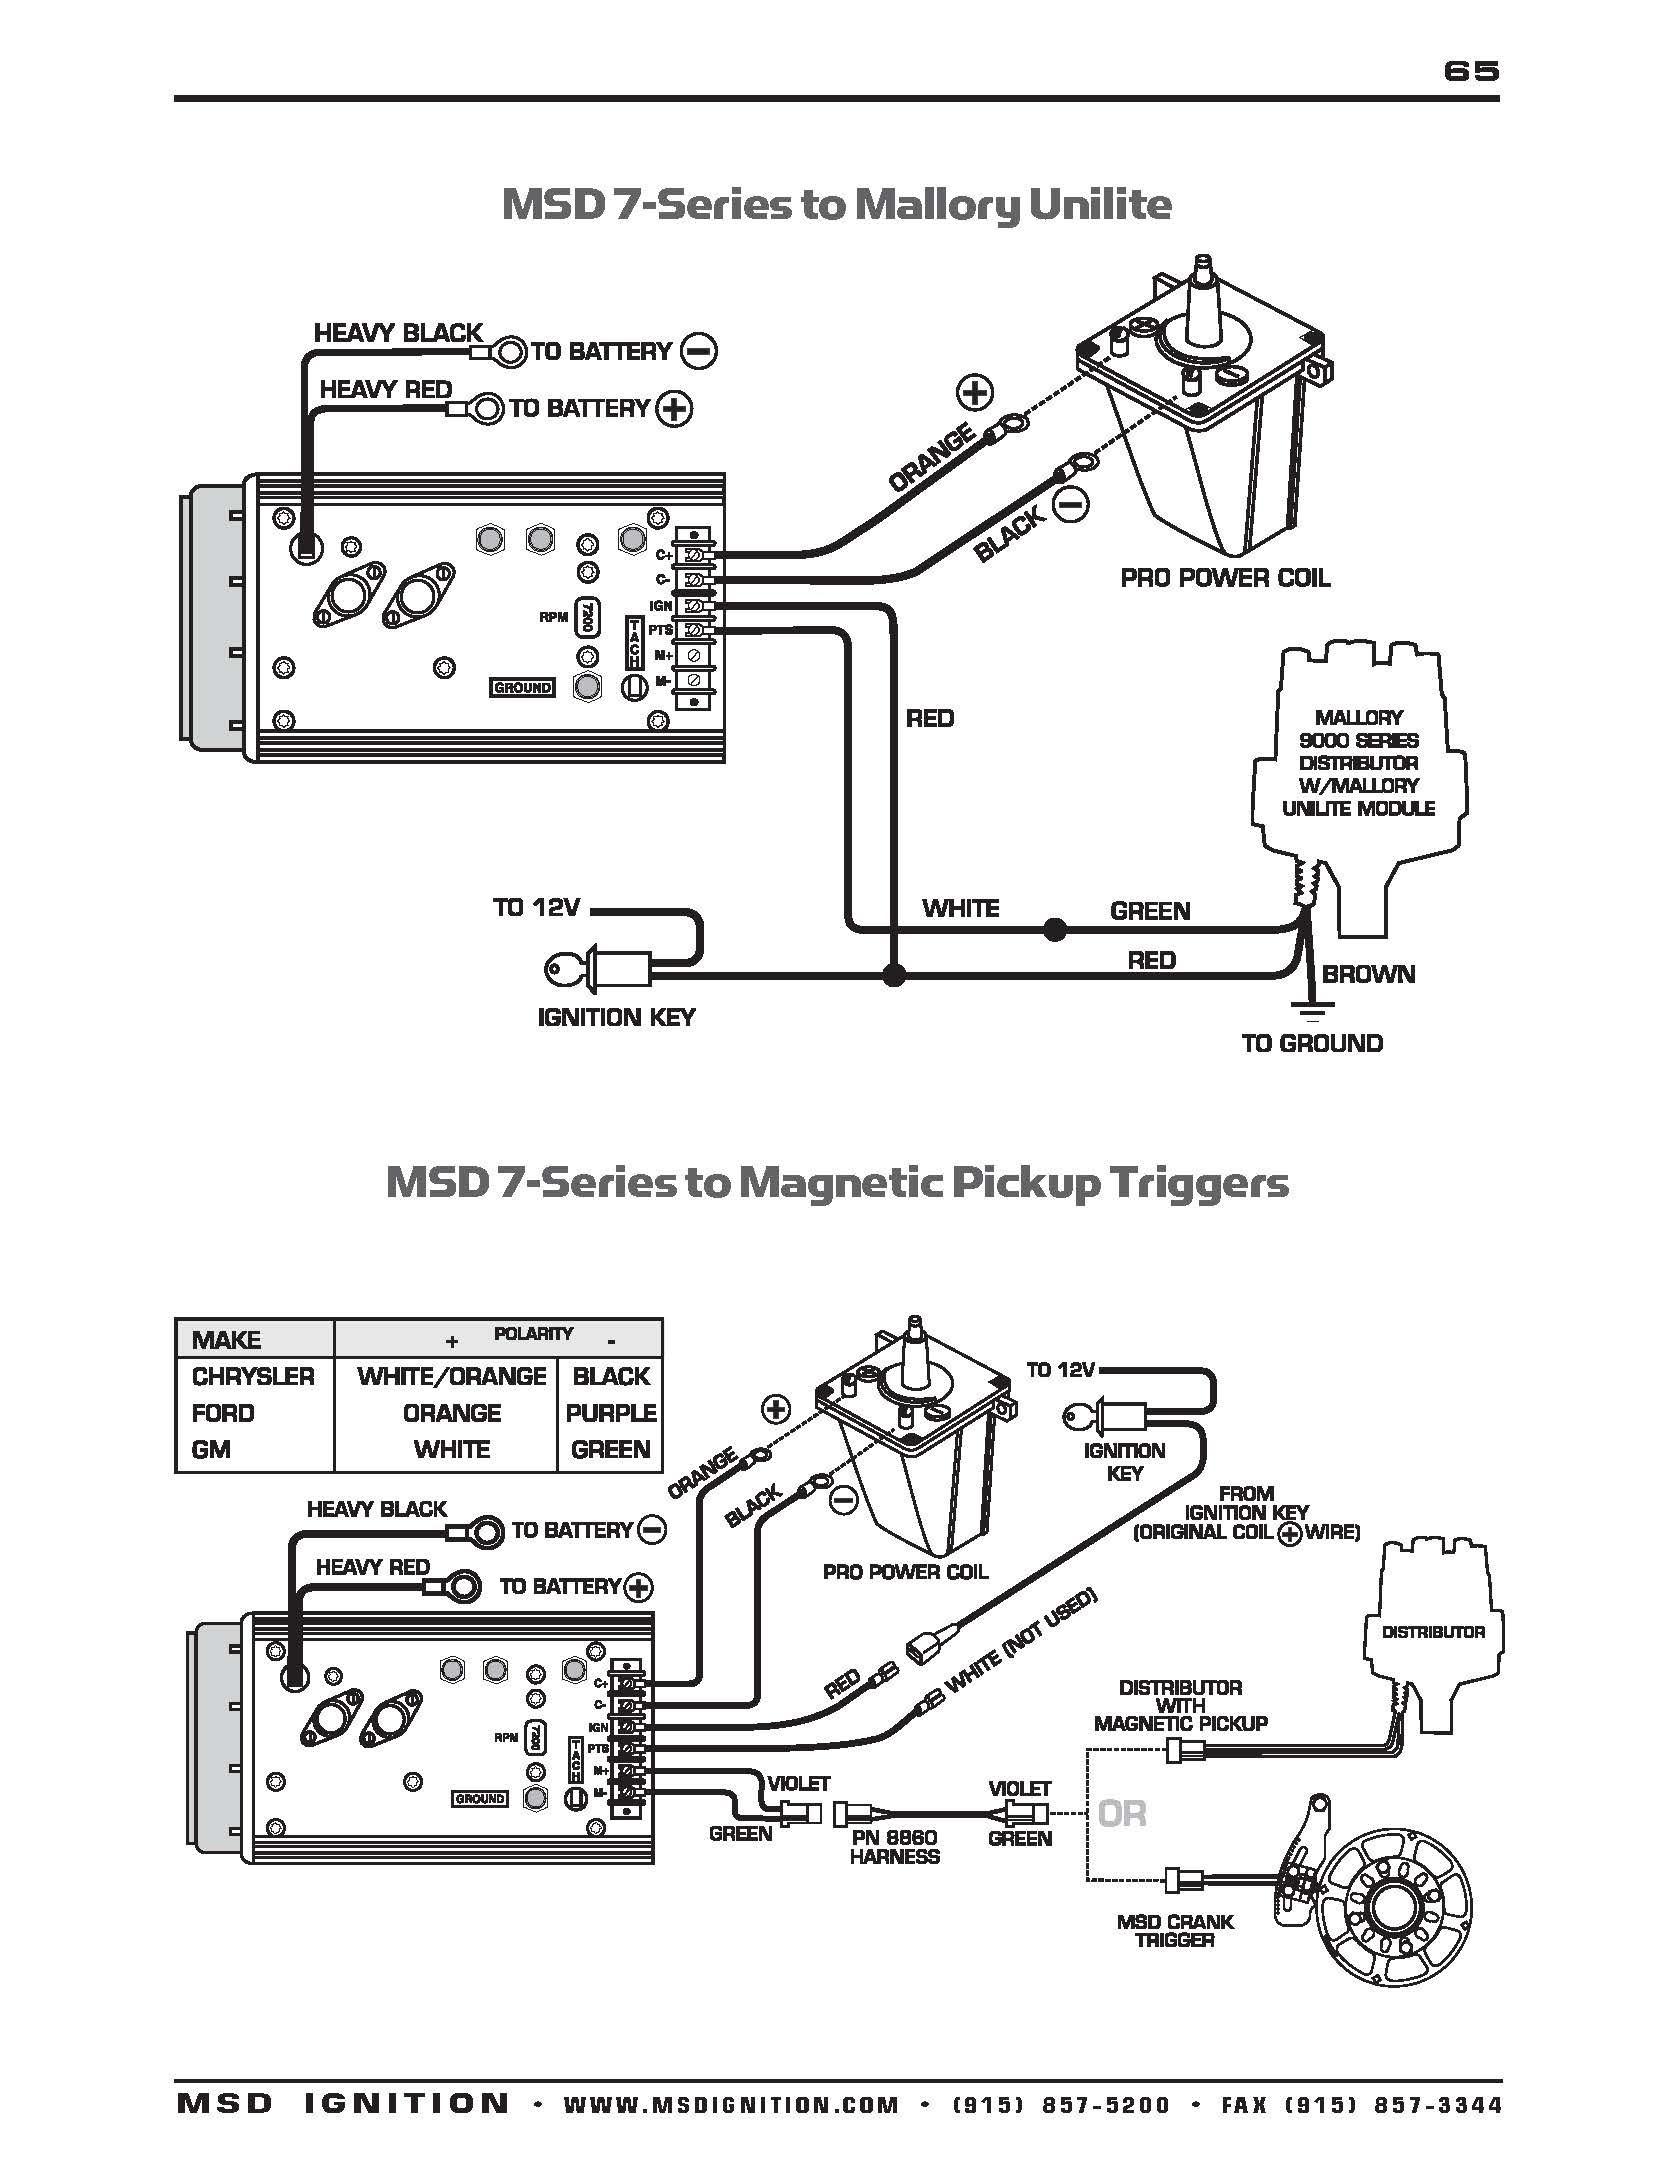 msd distributor wiring diagram